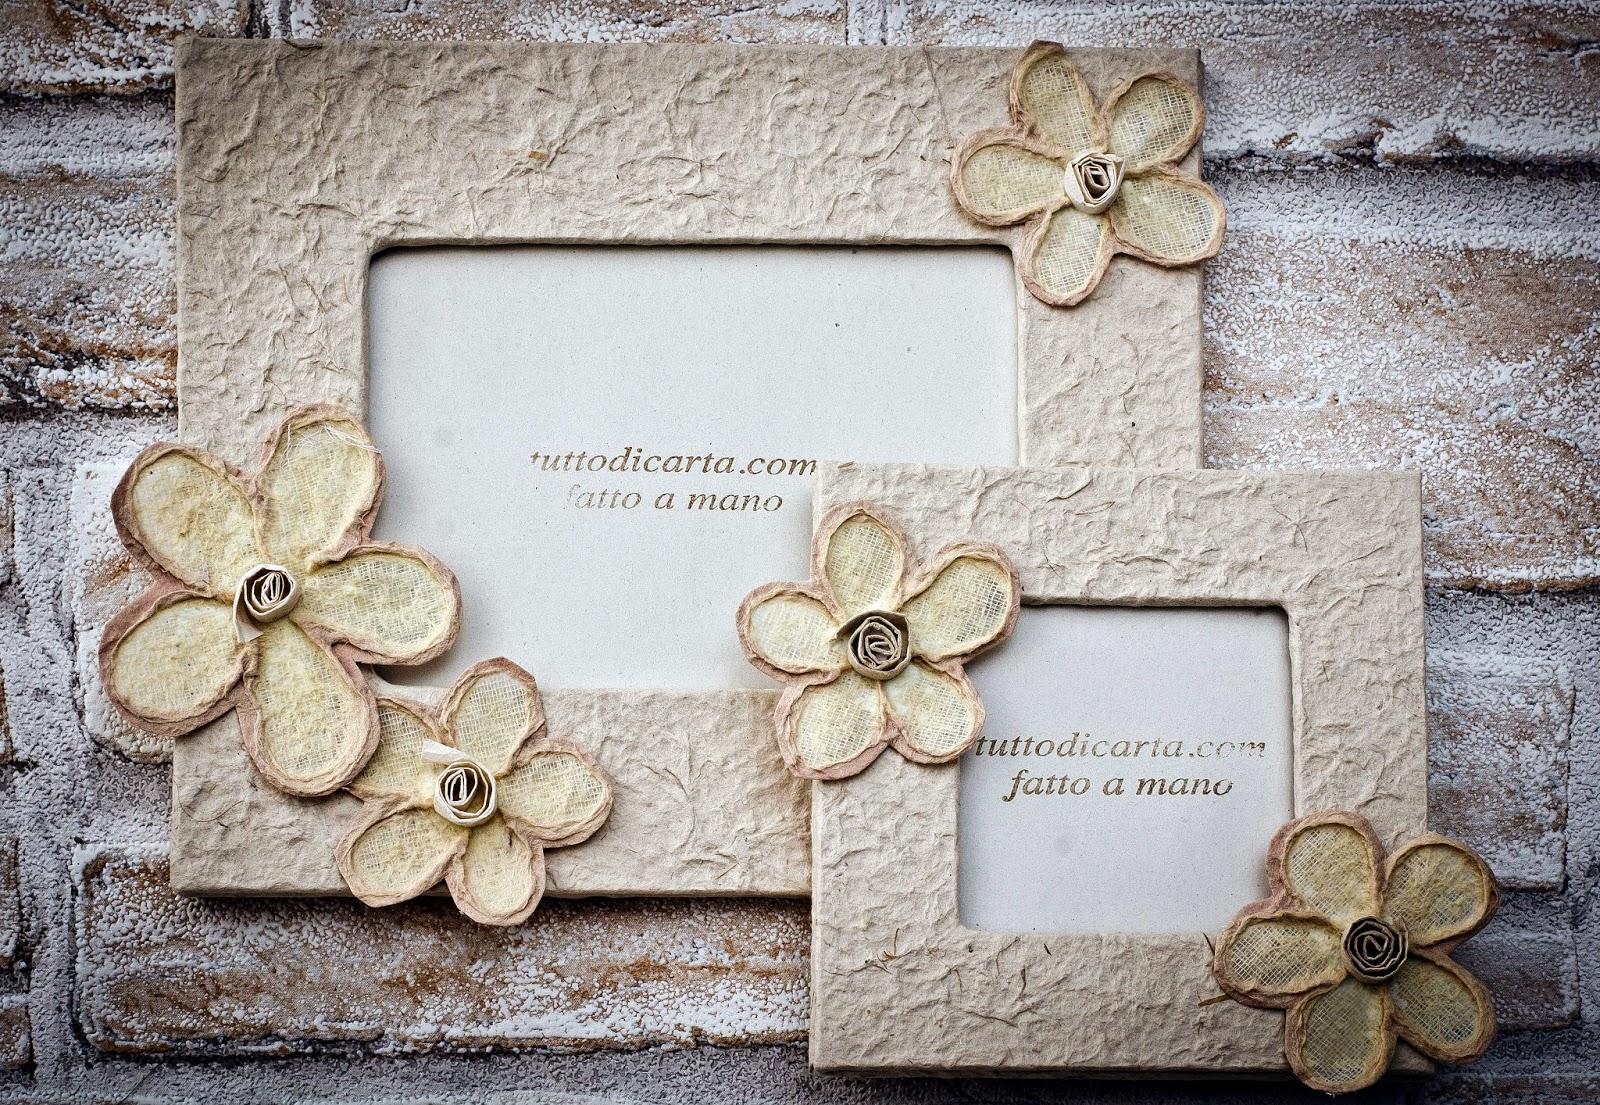 Molto Vendita album fotografici: Cornici da tavolo per bomboniere nozze  UN13